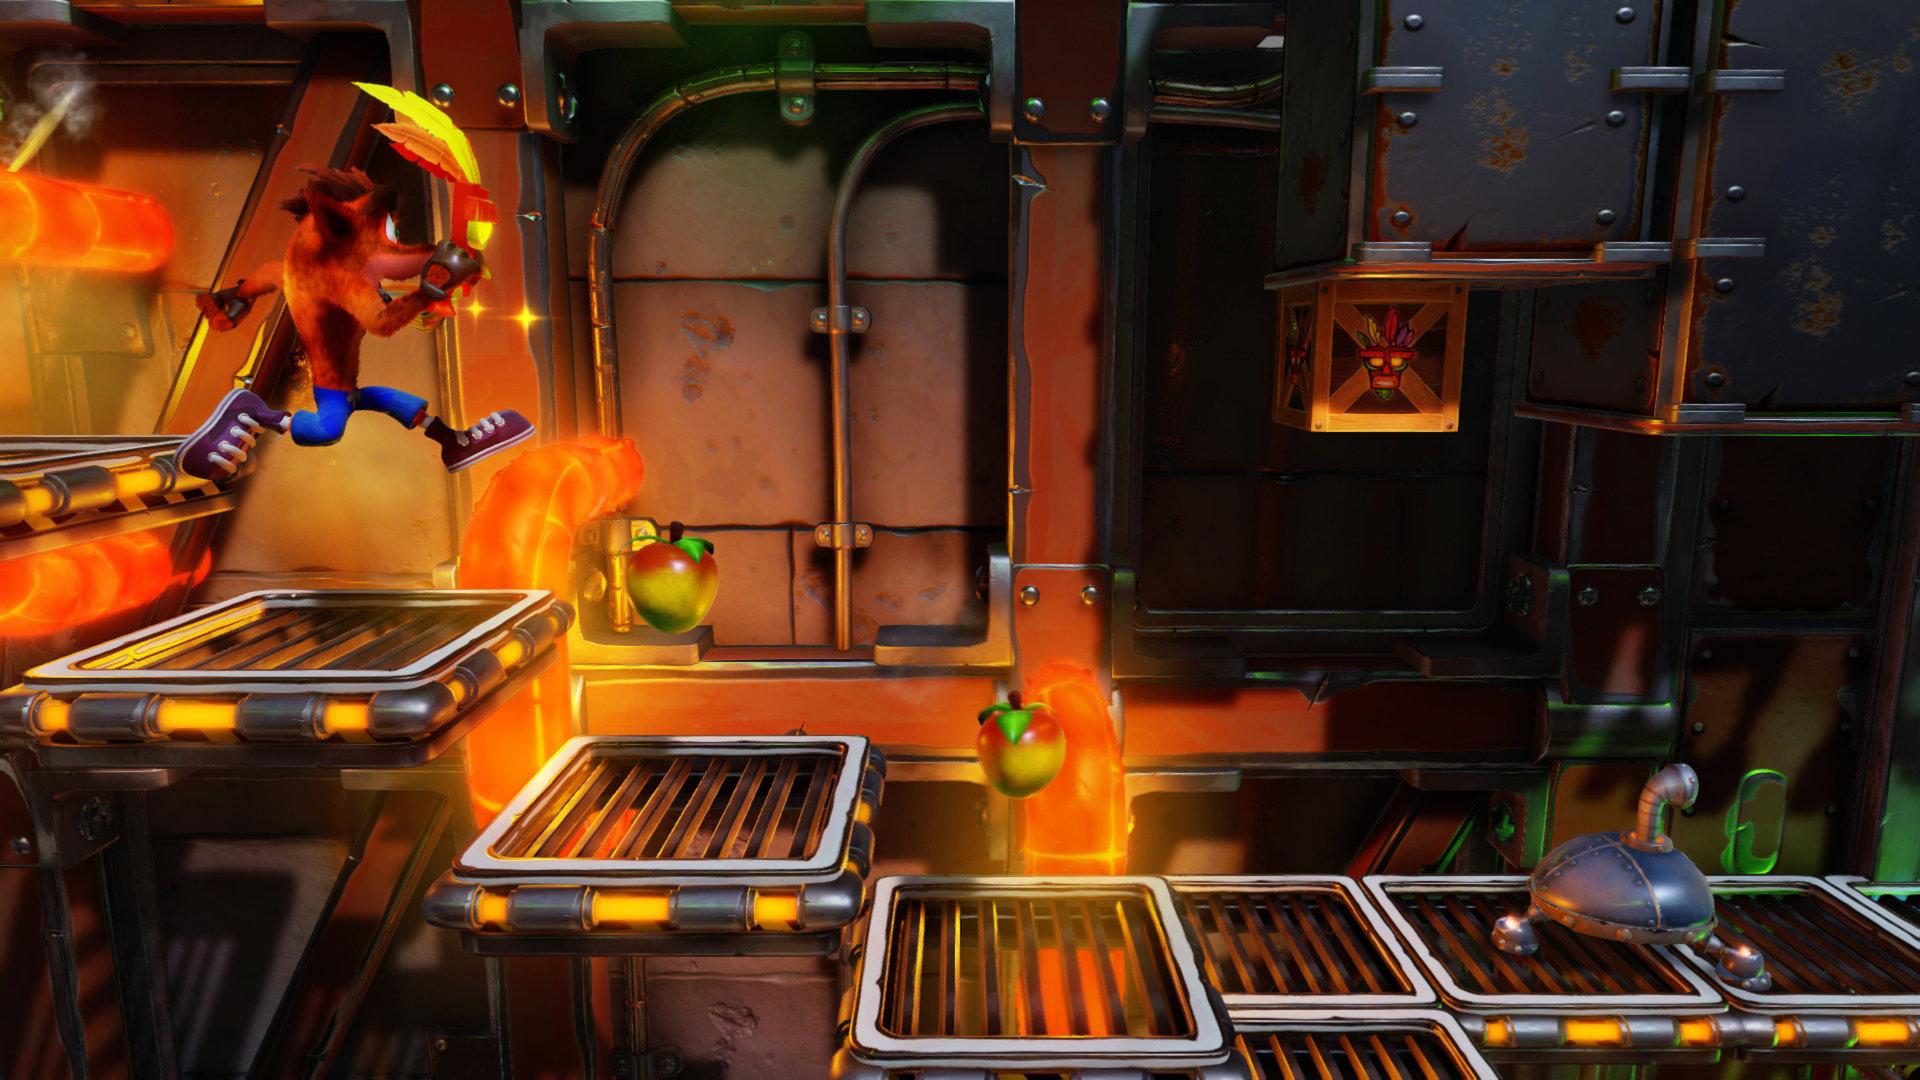 crash-bandicoot-n-sane-trilogy-screen-011-ps4-eu-12dec16.jpg